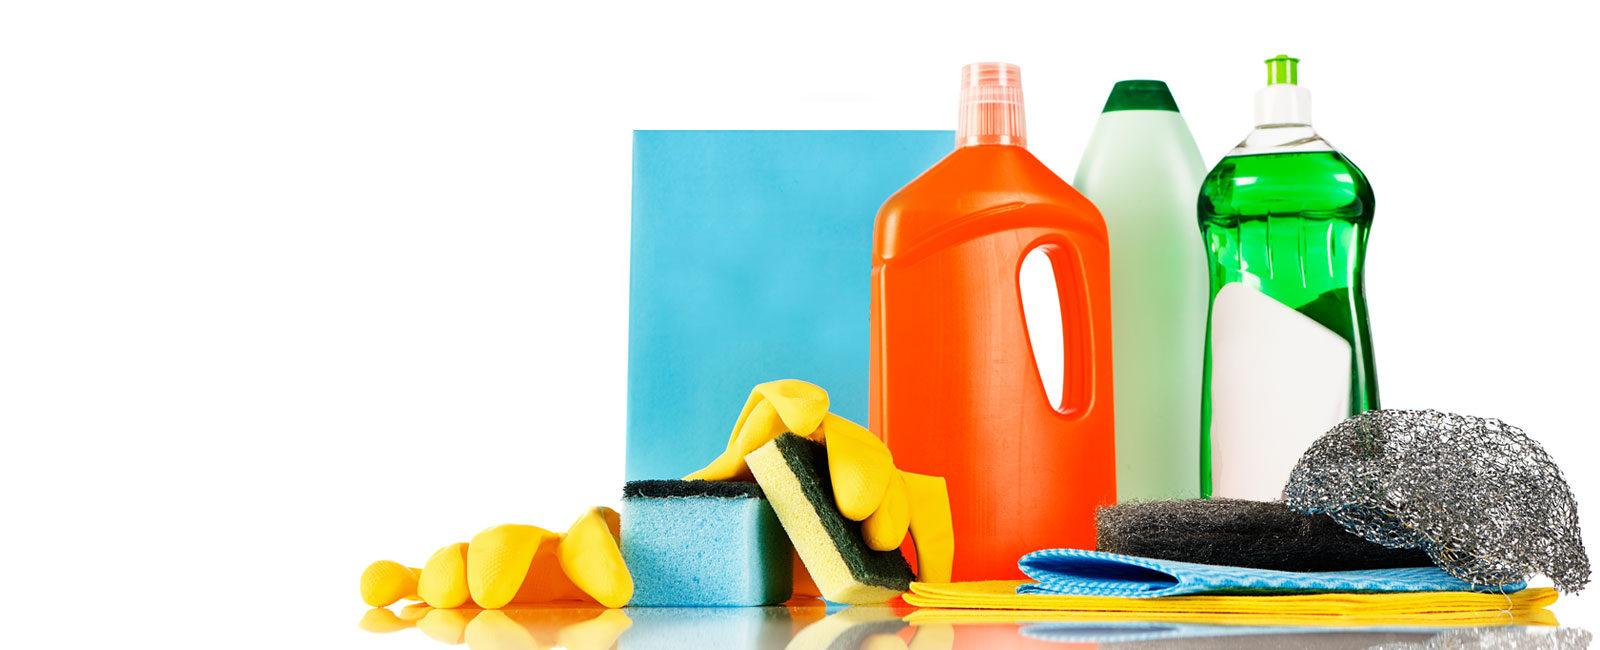 Presupuestos de limpieza de oficinas en Fuenlabrada